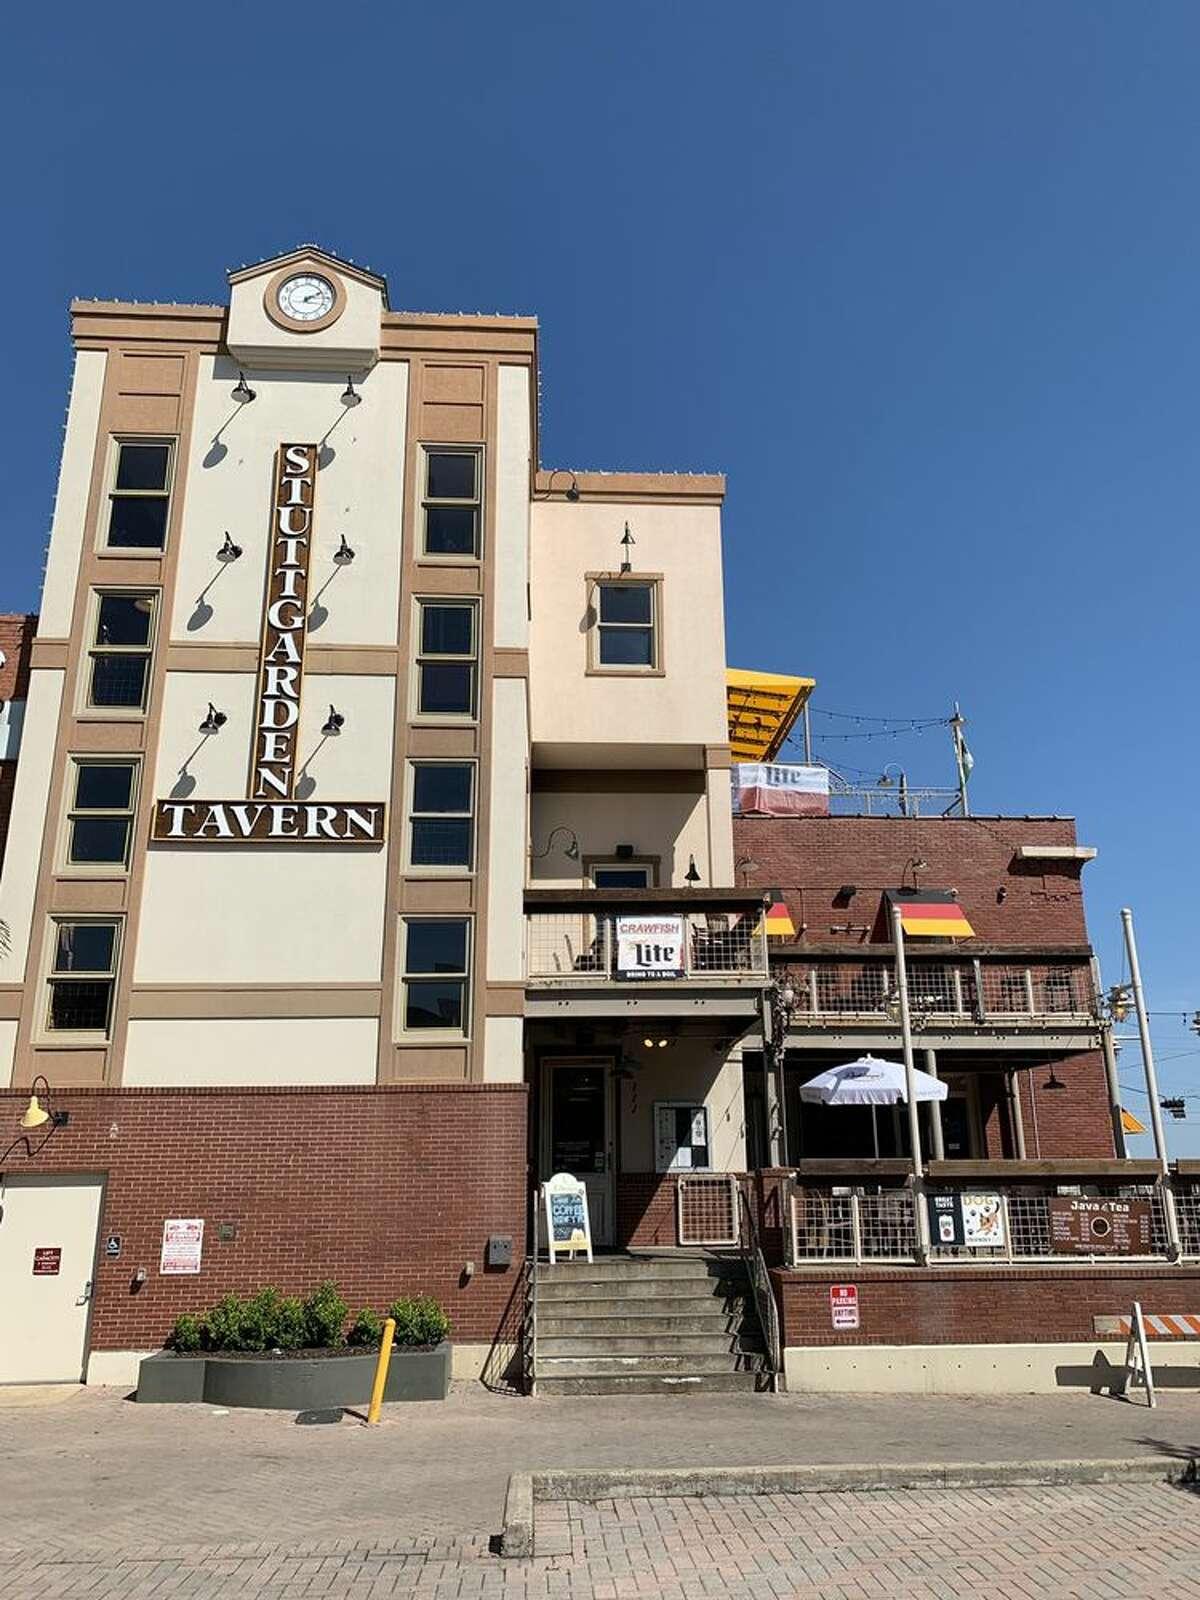 24. Stuttgarden Tavern111 Tremont Street, #200, GalvestonTotal receipts: $72,325 Photo by: Jason M/Yelp